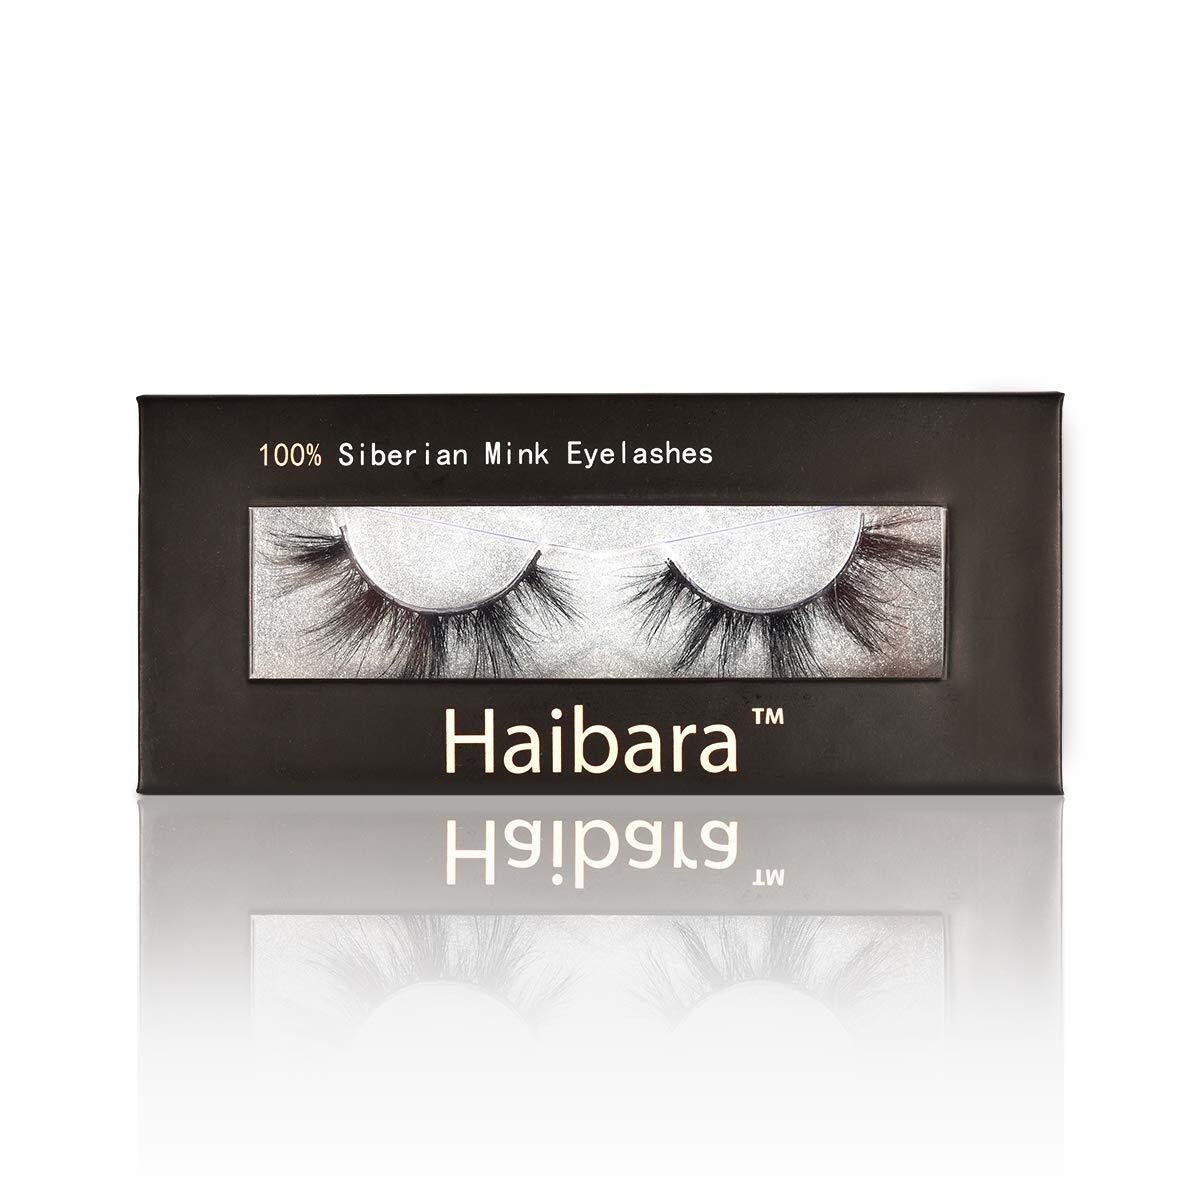 Haibara 100% Siberian Mink Eyelashes 17-25mm Natural and Dramatic Look